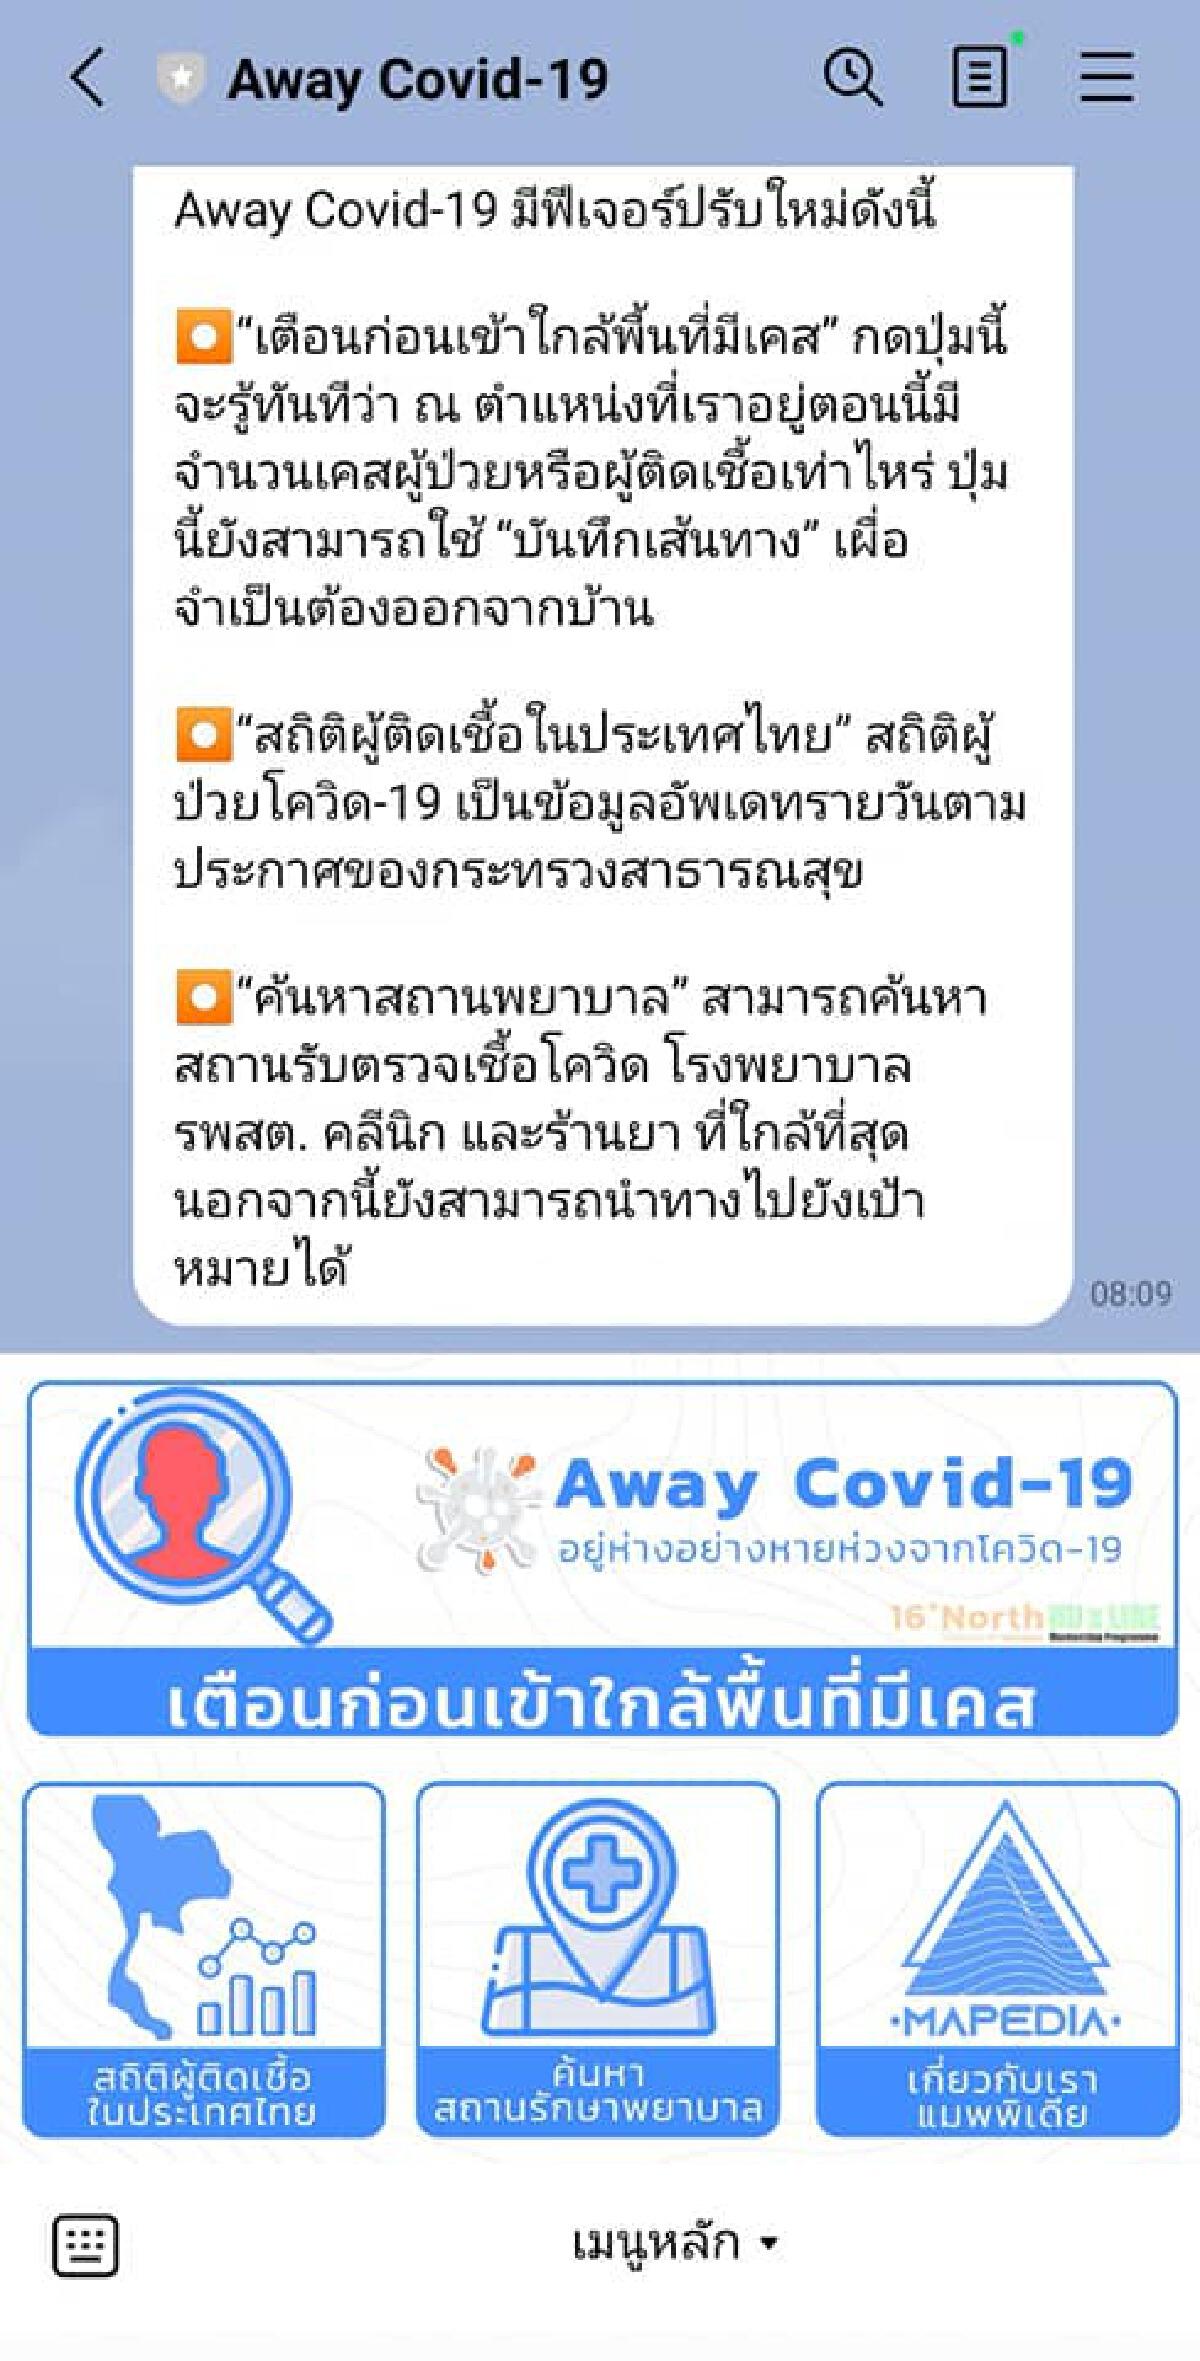 วิธีใช้ Away Covid-19 แจ้งเตือนโควิด ทำงานผ่าน LINE